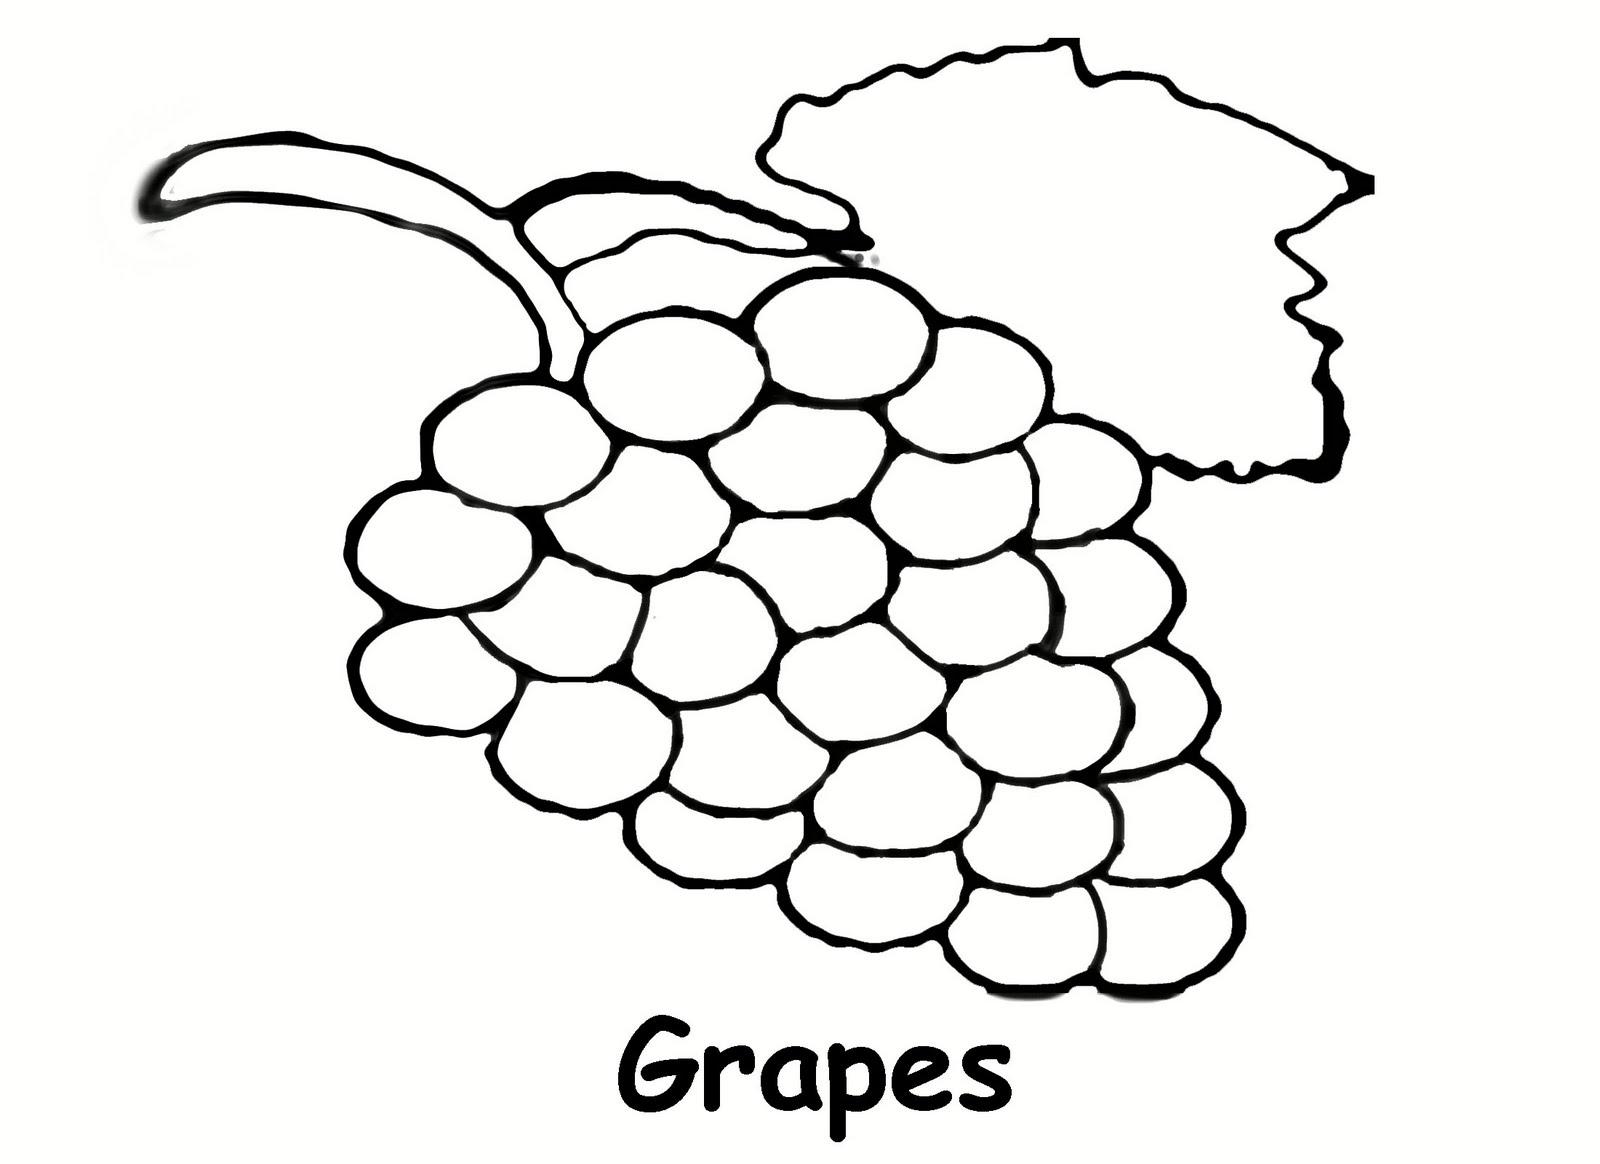 Grape Coloring Page - Democraciaejustica